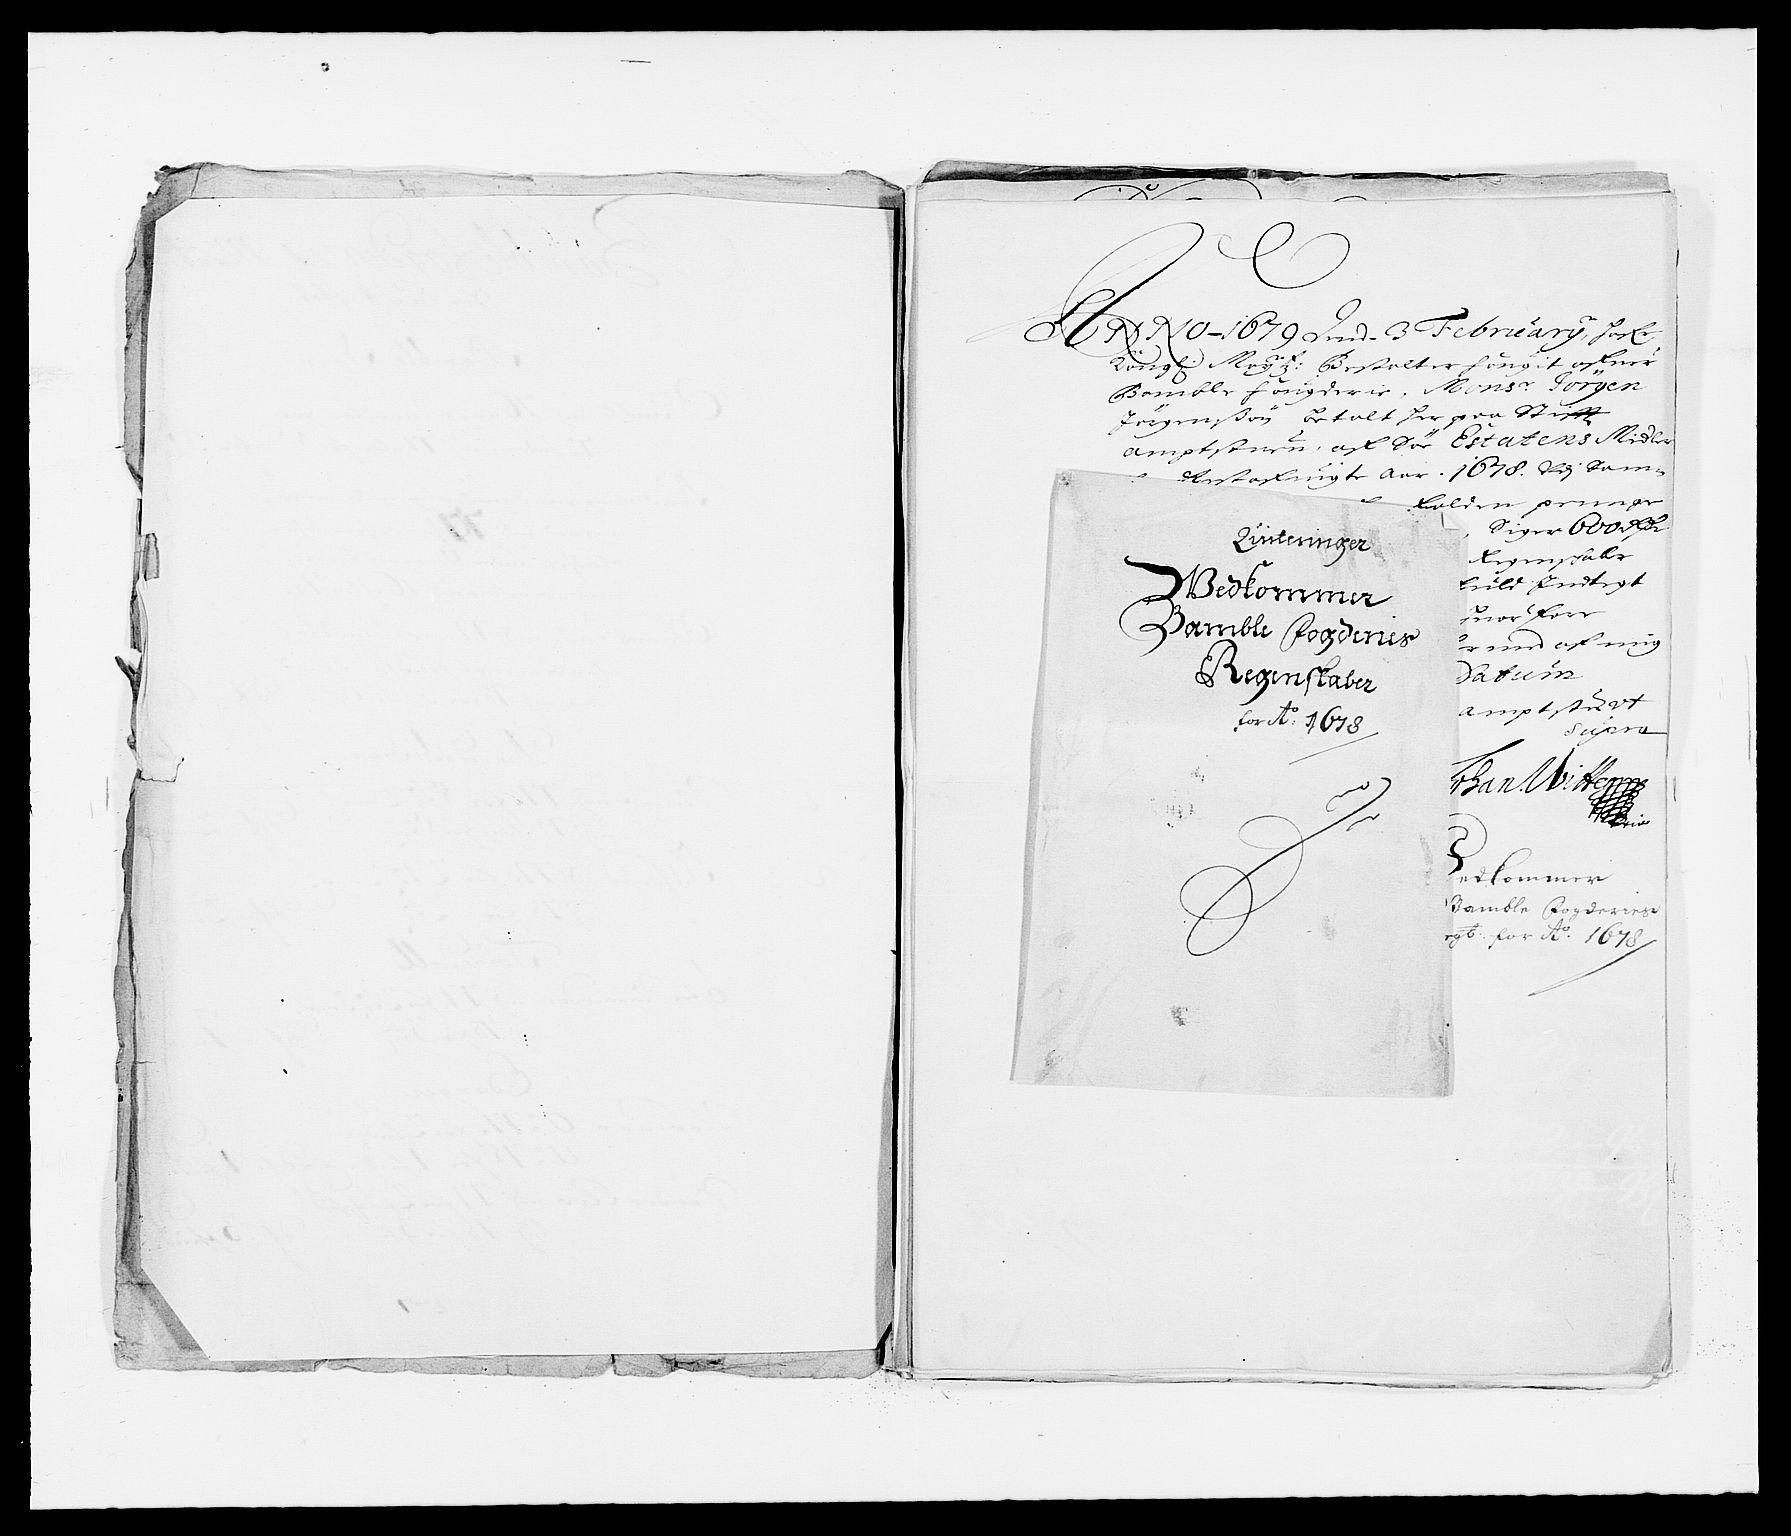 RA, Rentekammeret inntil 1814, Reviderte regnskaper, Fogderegnskap, R34/L2044: Fogderegnskap Bamble, 1678-1679, s. 220